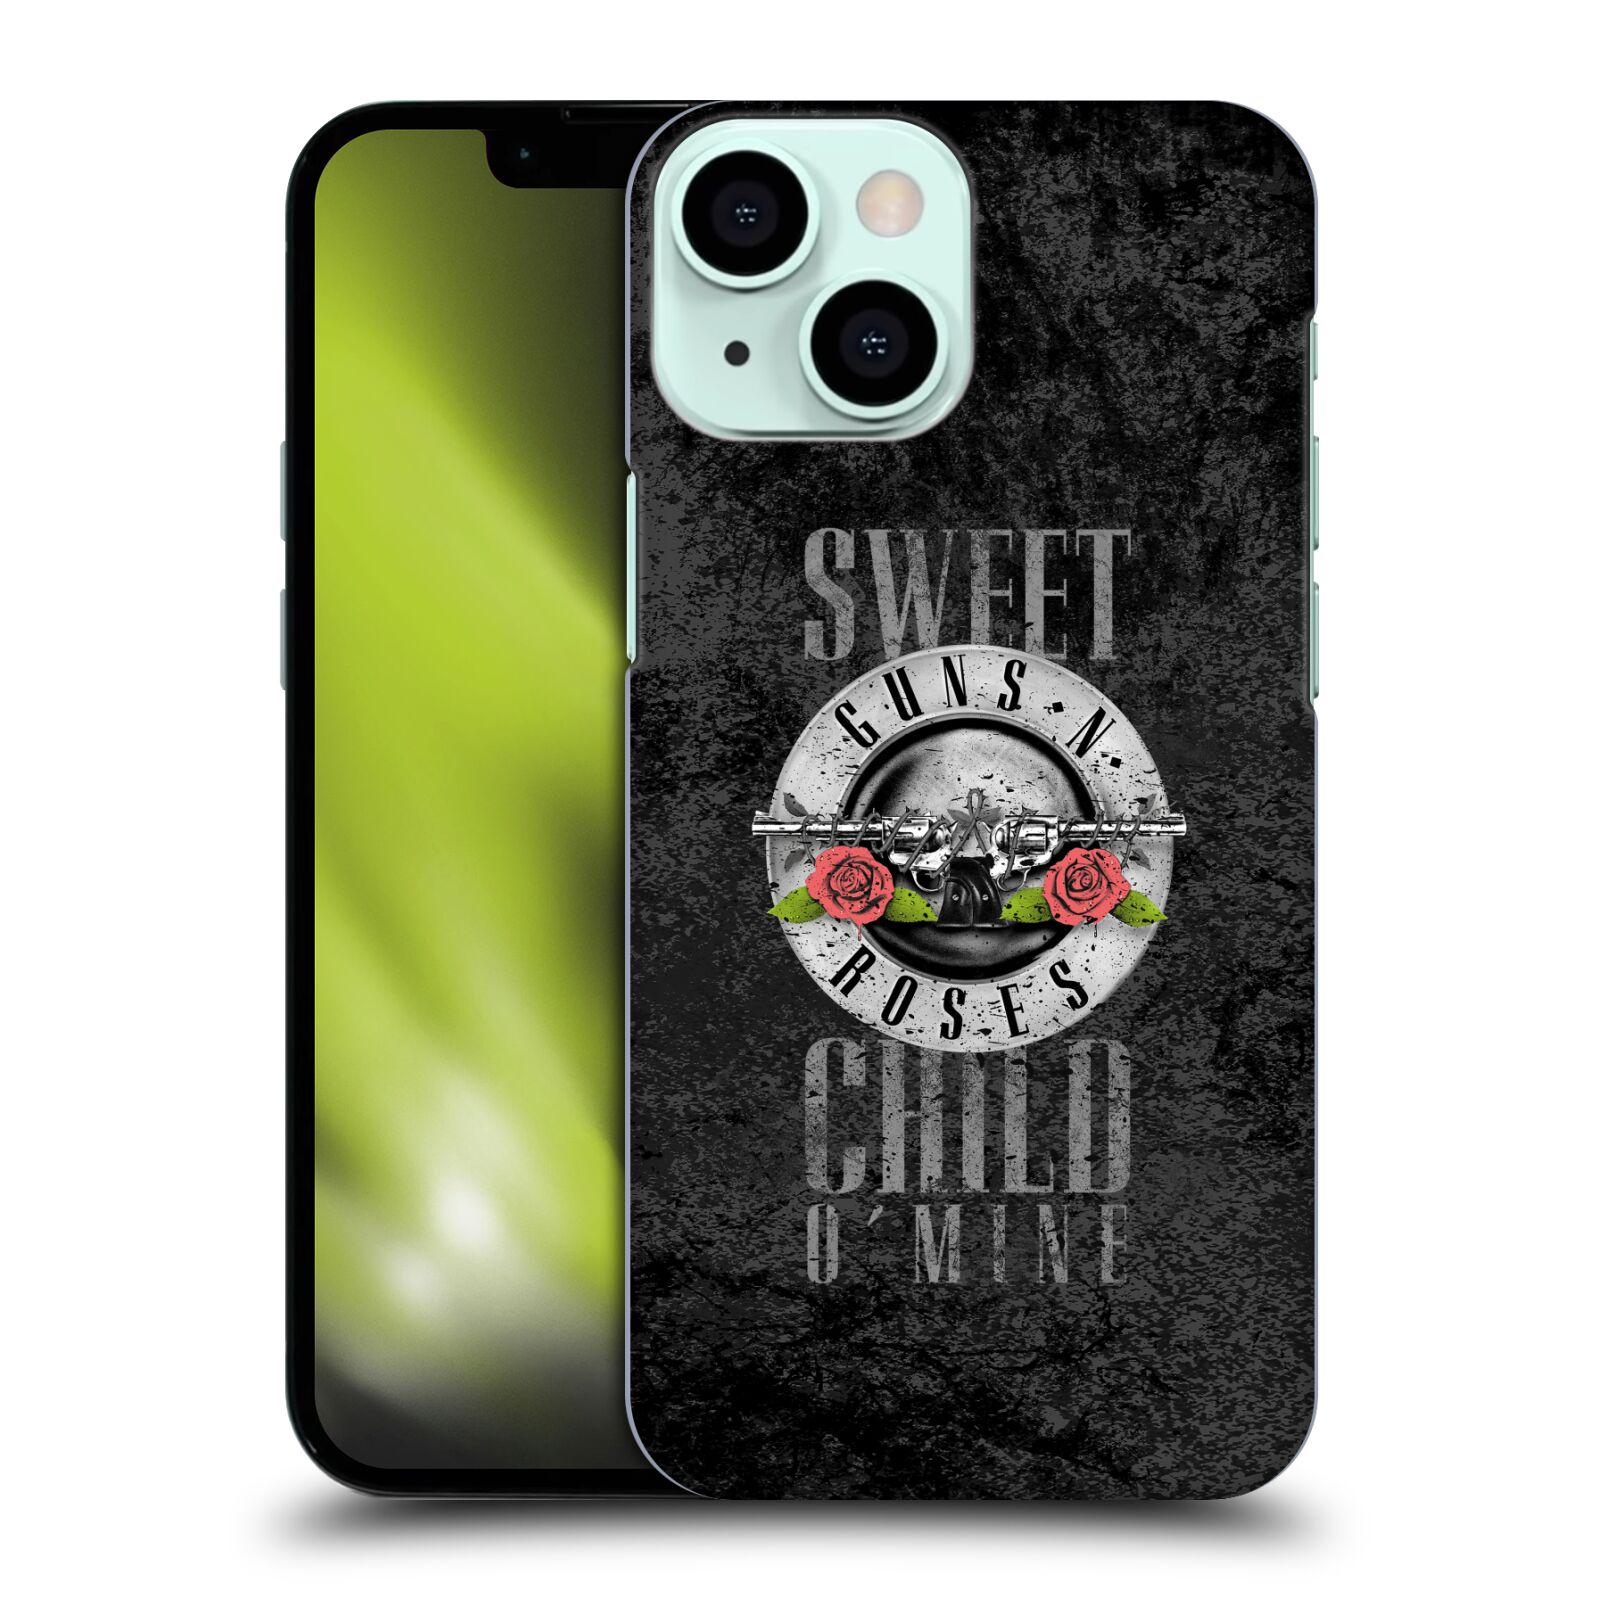 Plastové pouzdro na mobil Apple iPhone 13 Mini - Head Case - Guns N' Roses - Sweet Child